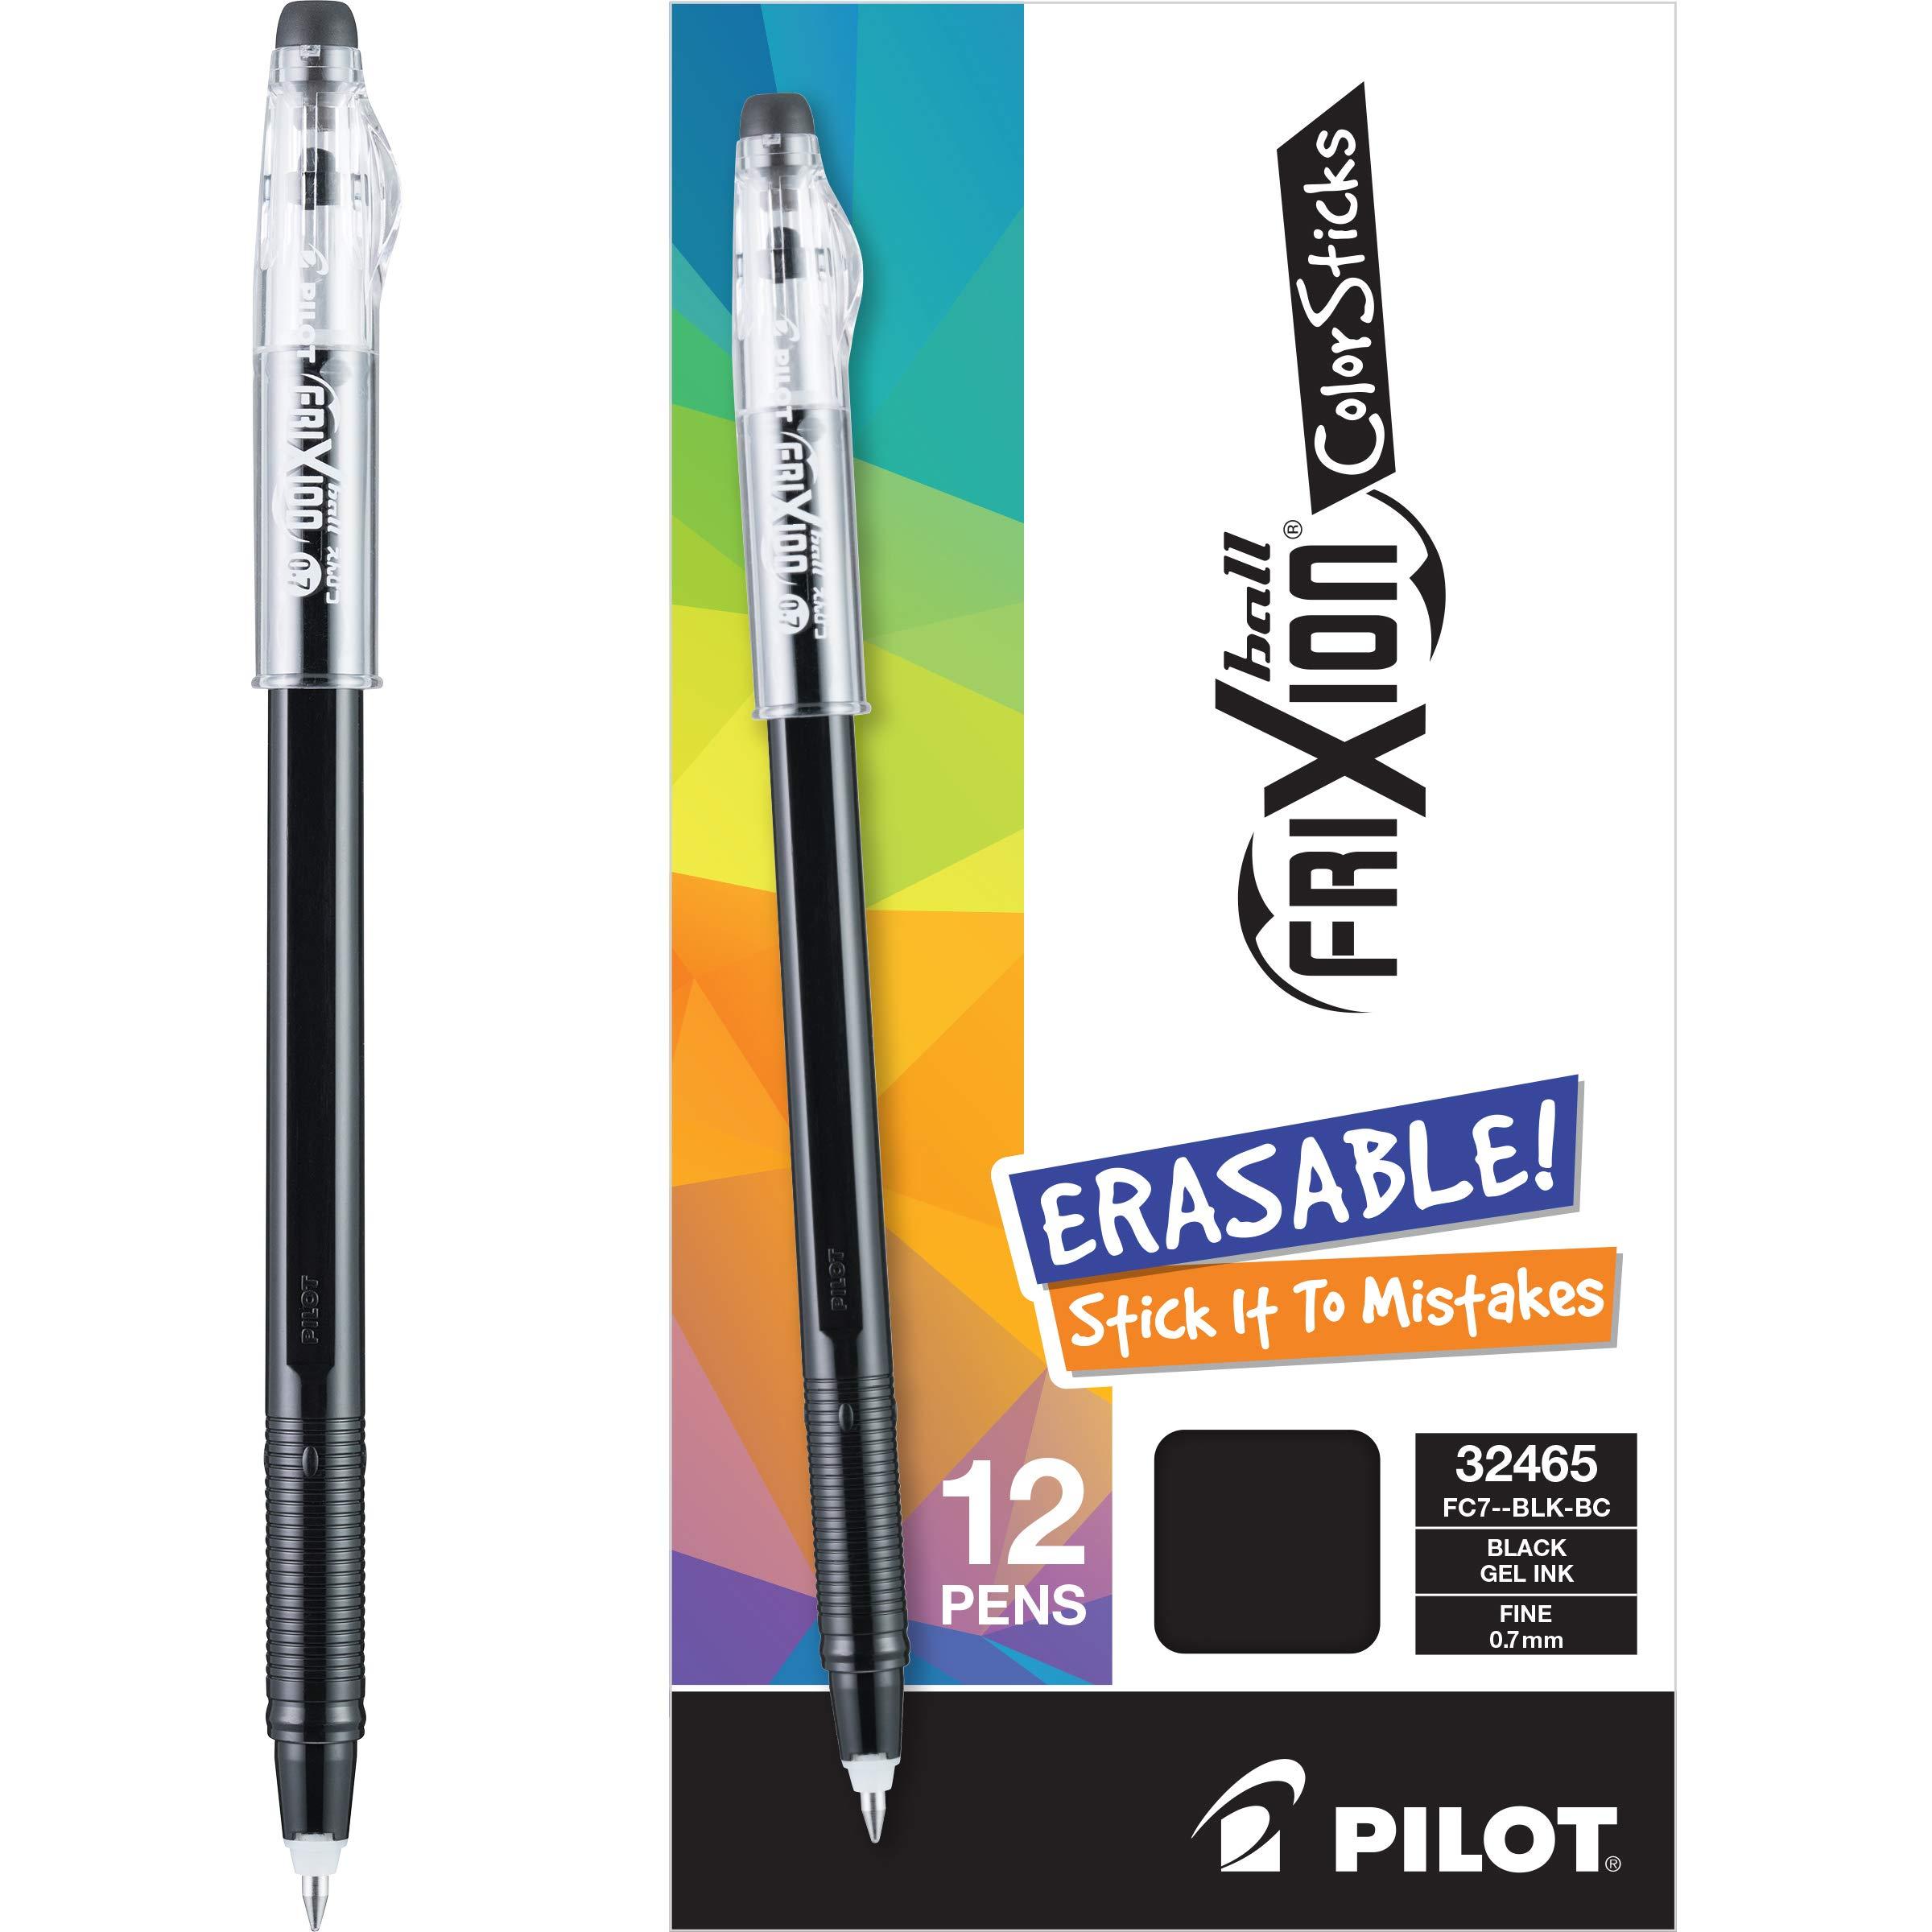 Pilot Frixion Colorsticks Erasable Gel Pens, Fine Point, Black Ink, Dozen Box (13219) by Pilot